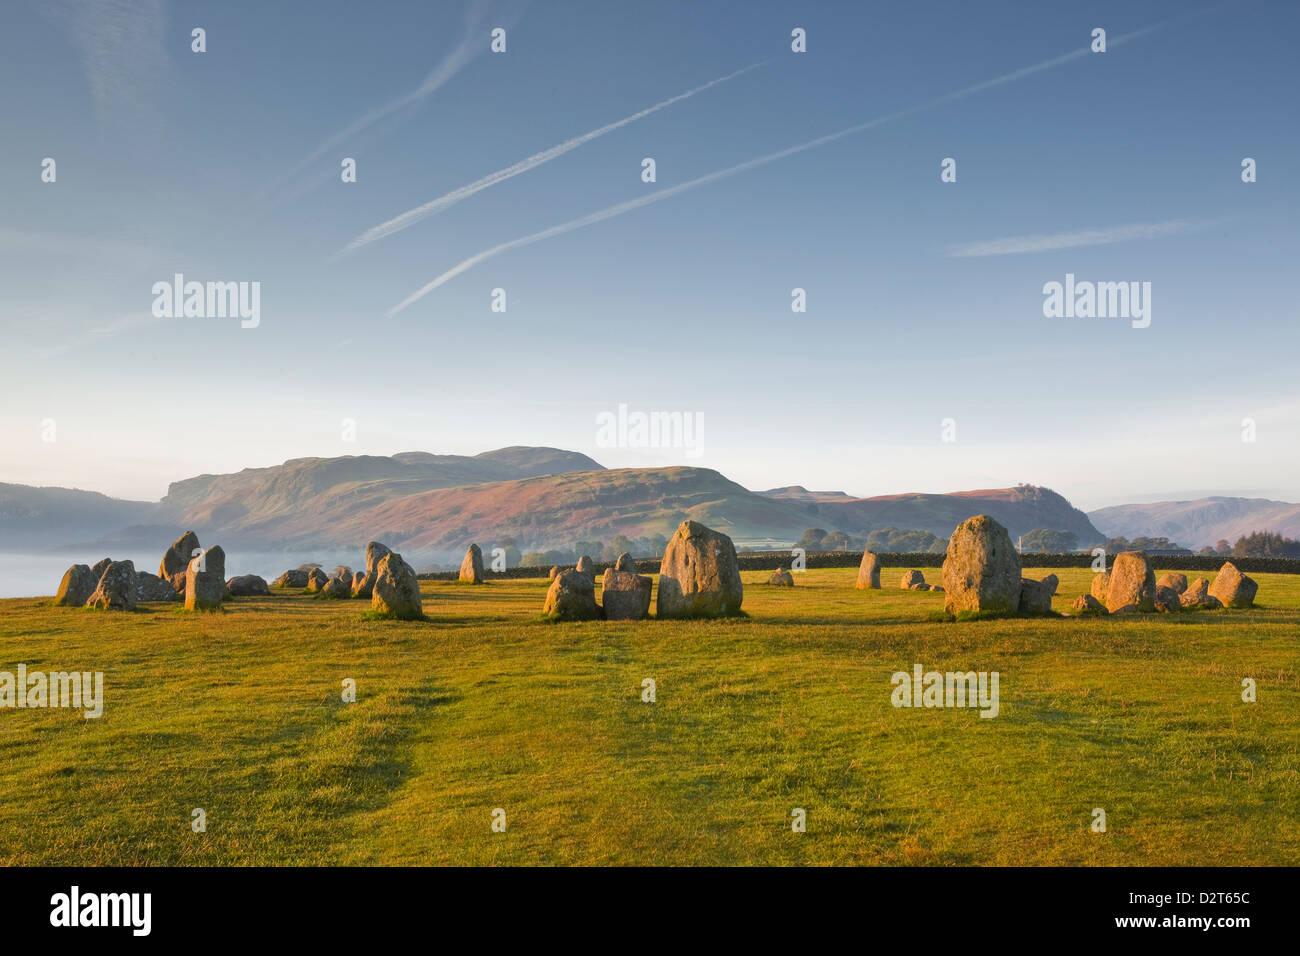 Castlerigg Stone Circle all'alba nel Parco Nazionale del Distretto dei Laghi, Cumbria, England, Regno Unito, Immagini Stock